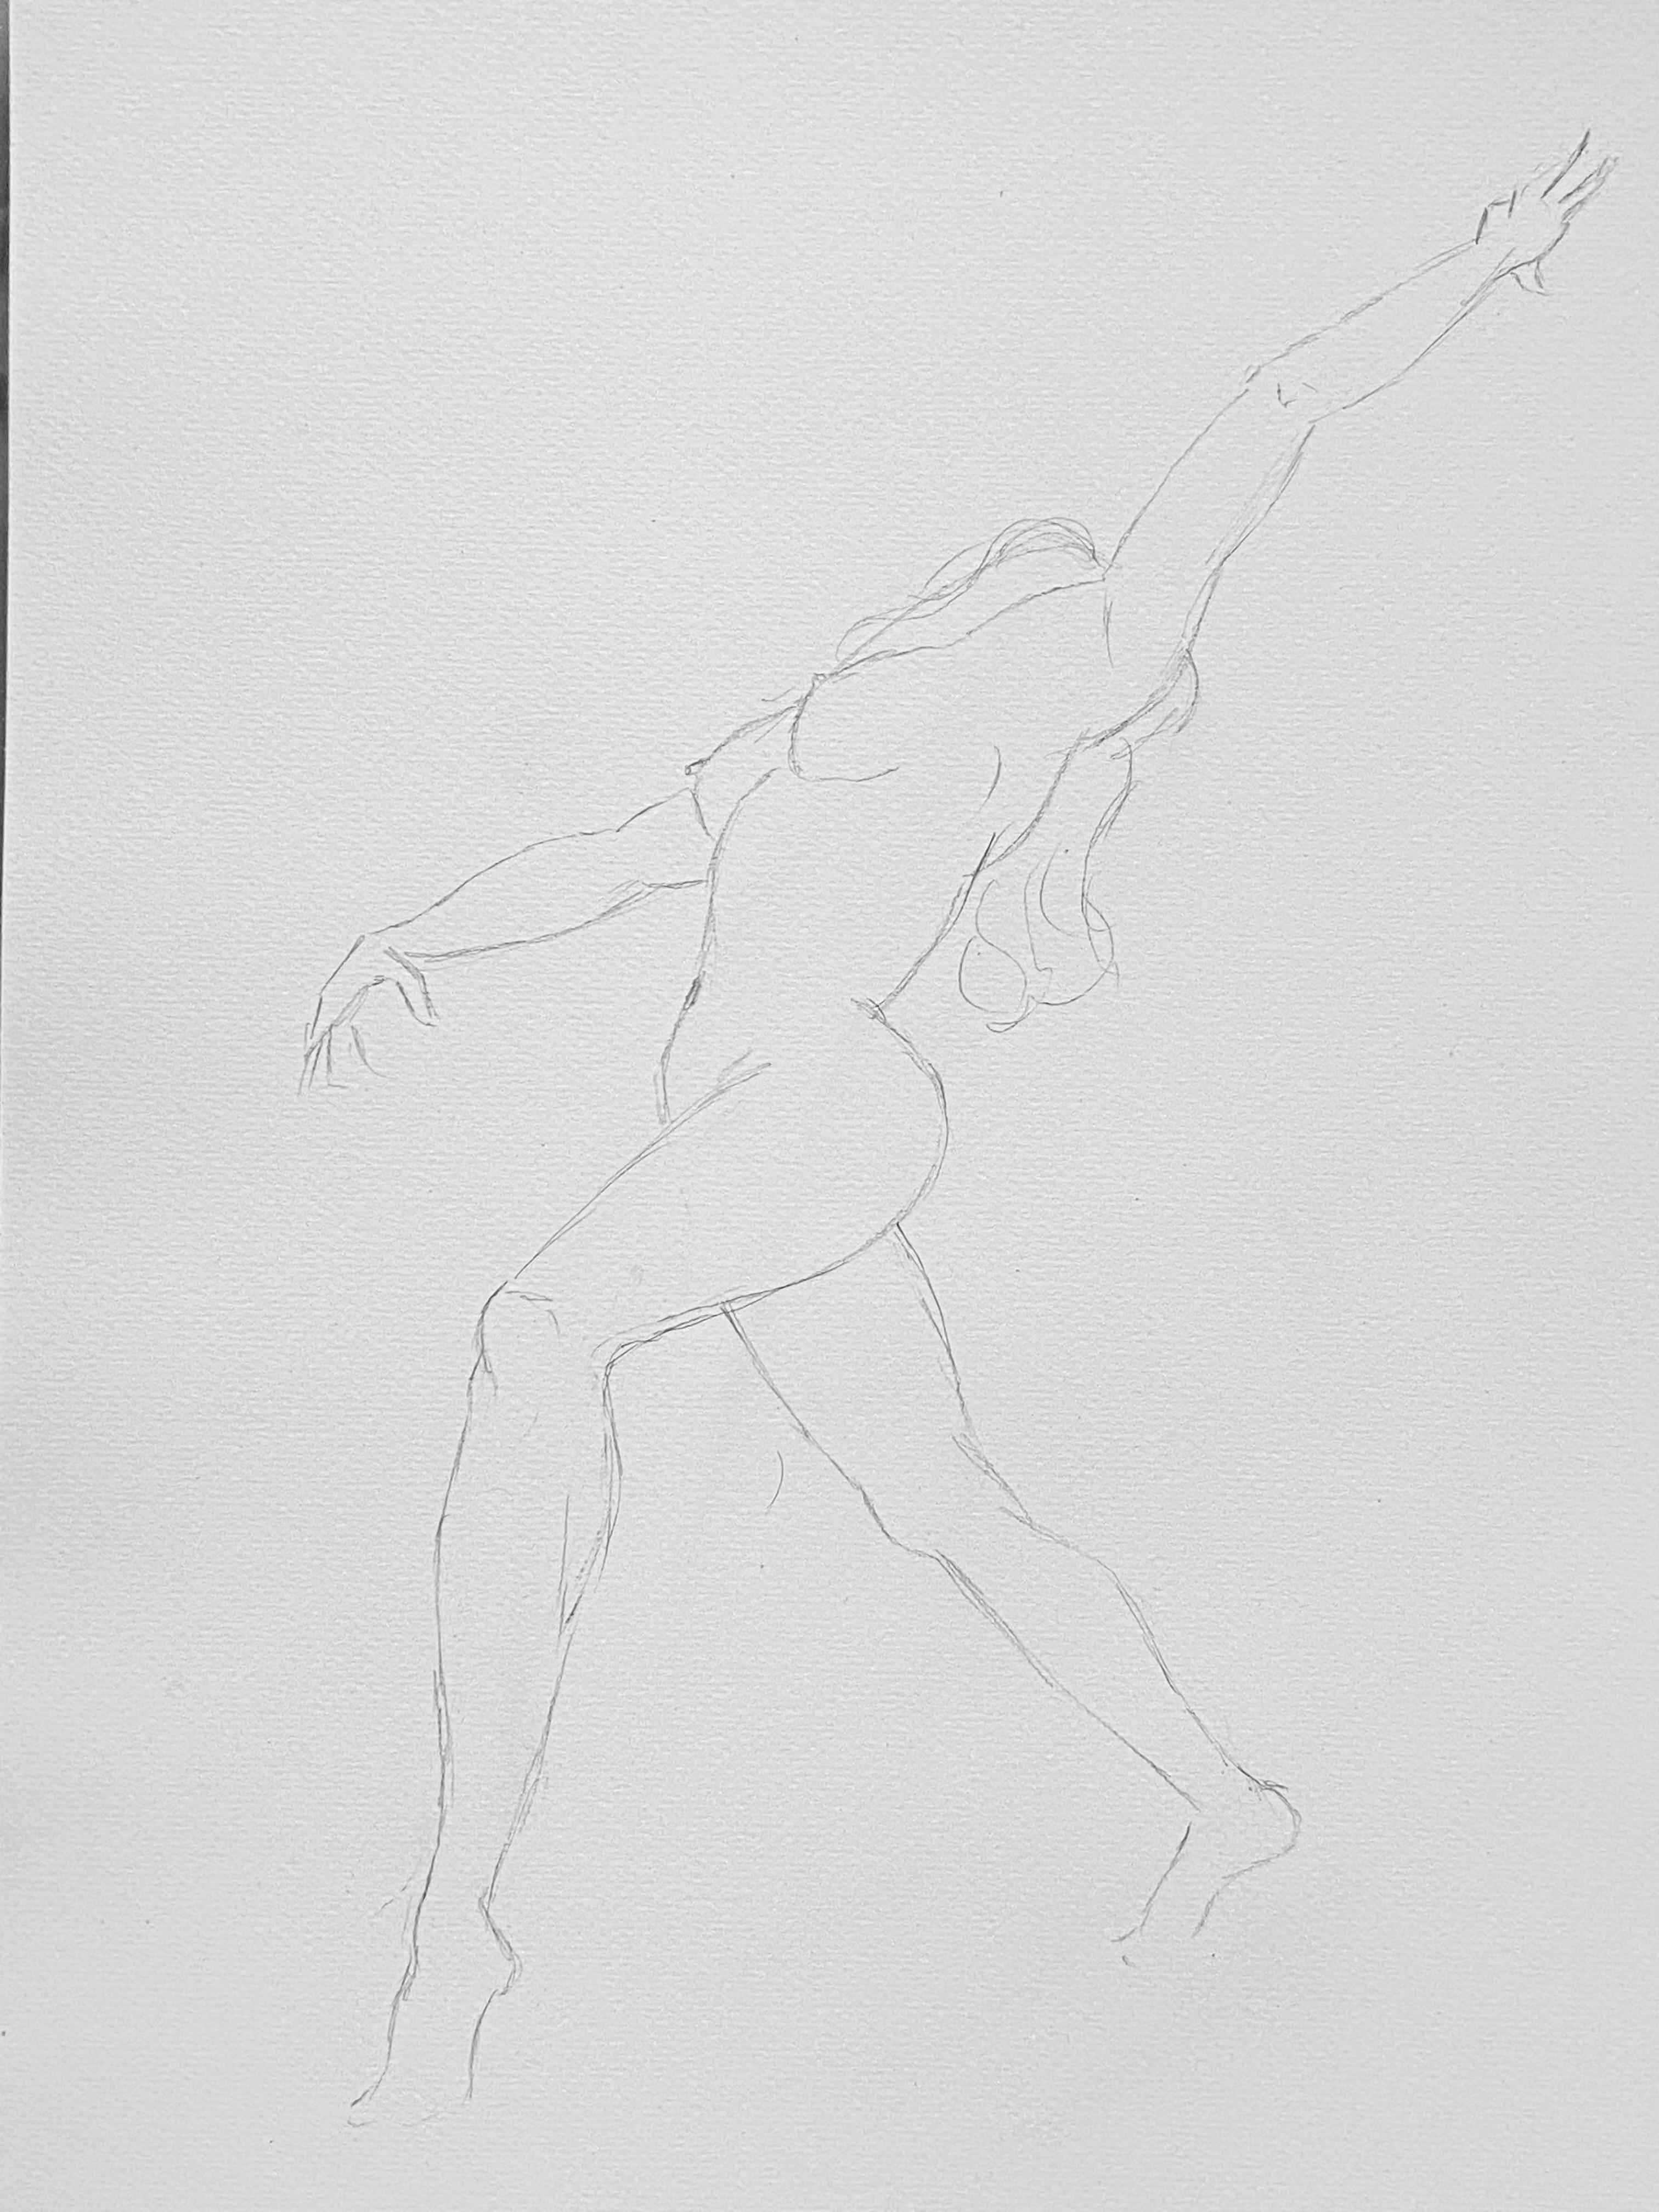 Dessin femme 3/4 danseuse extension esquisse aux trait  cours de dessin